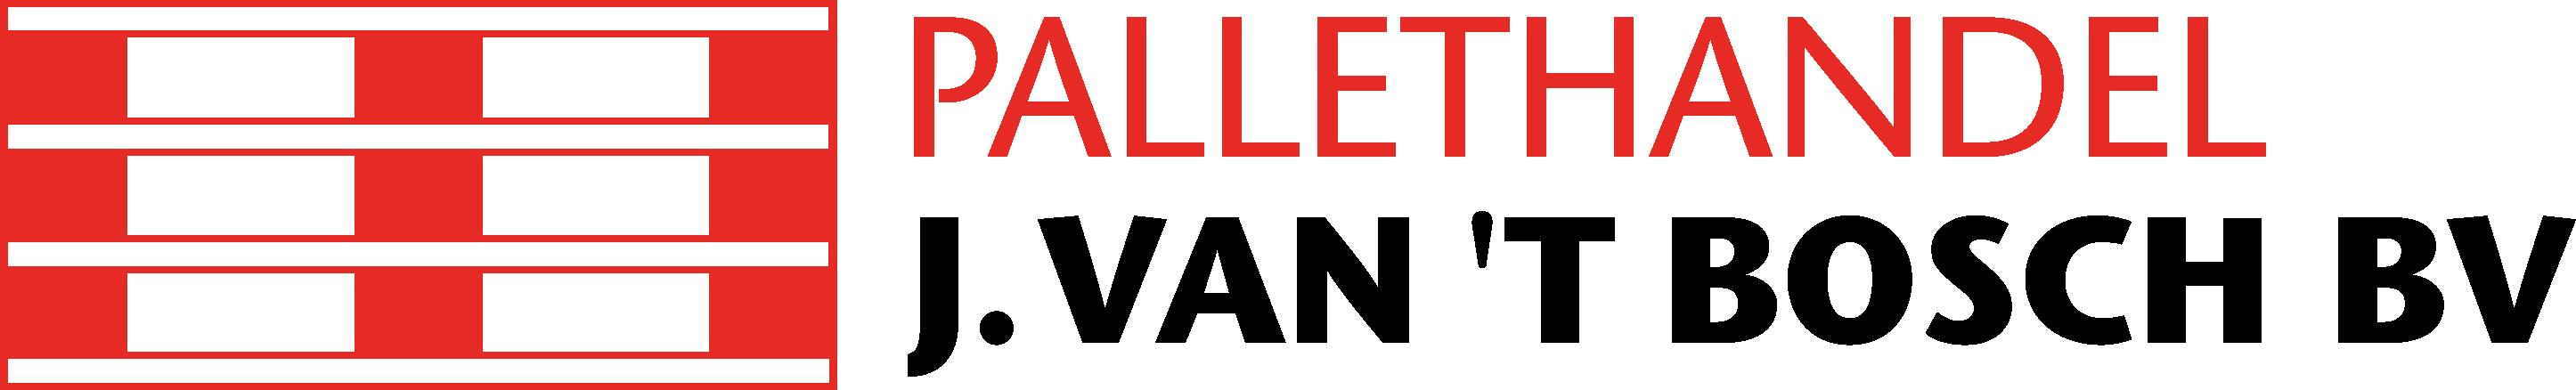 Pallethandel J. van 't Bosch